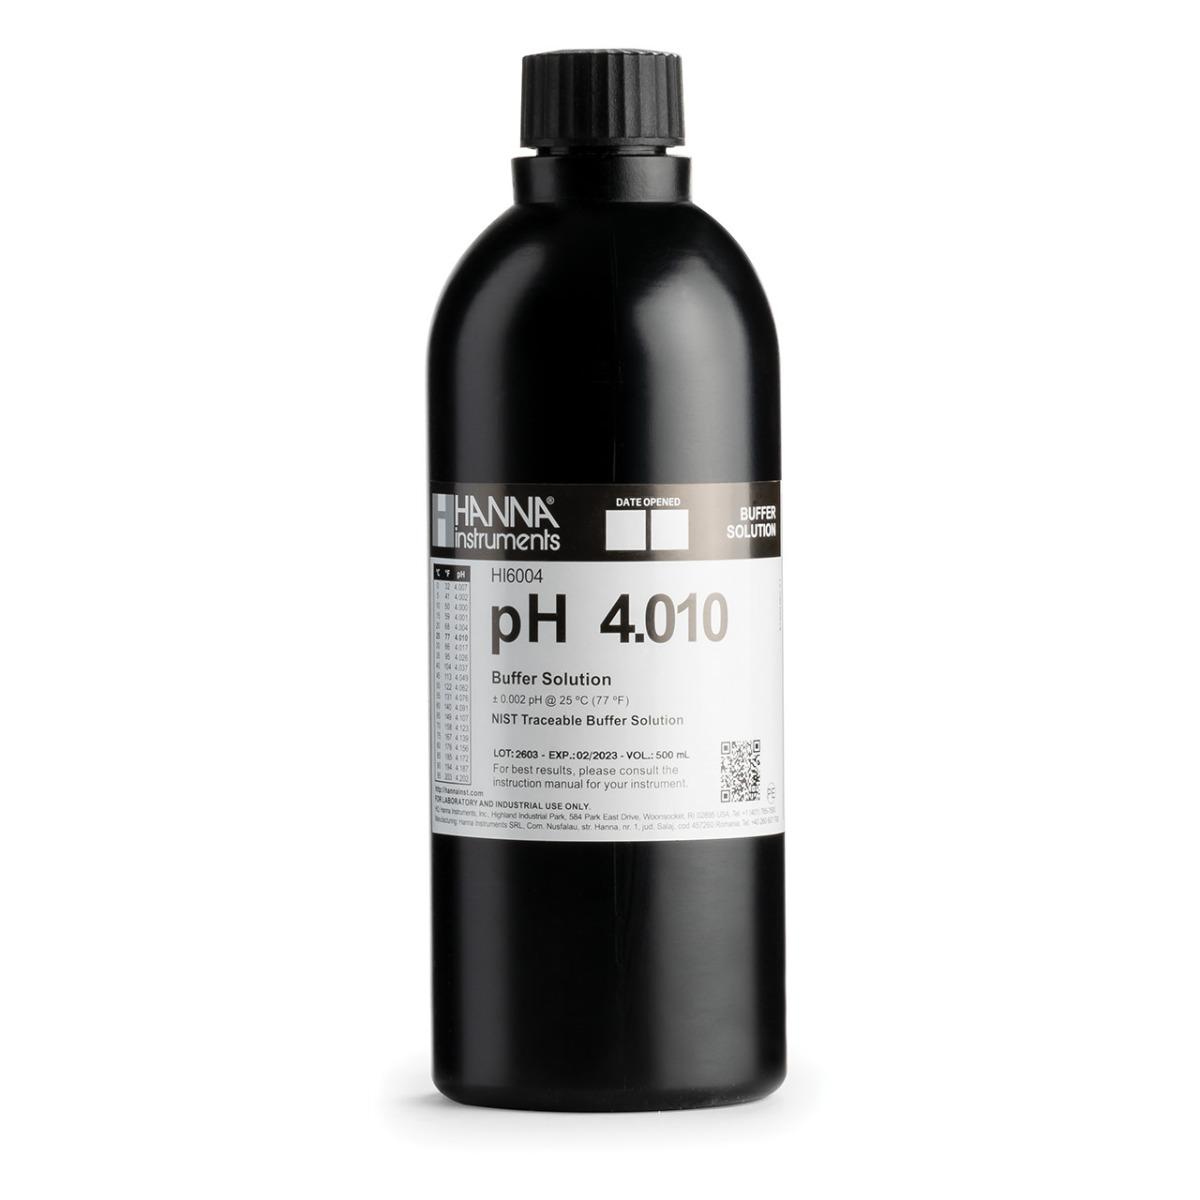 HI6004-01 pH 4.010 Millesimal Calibration Buffer (1 L)